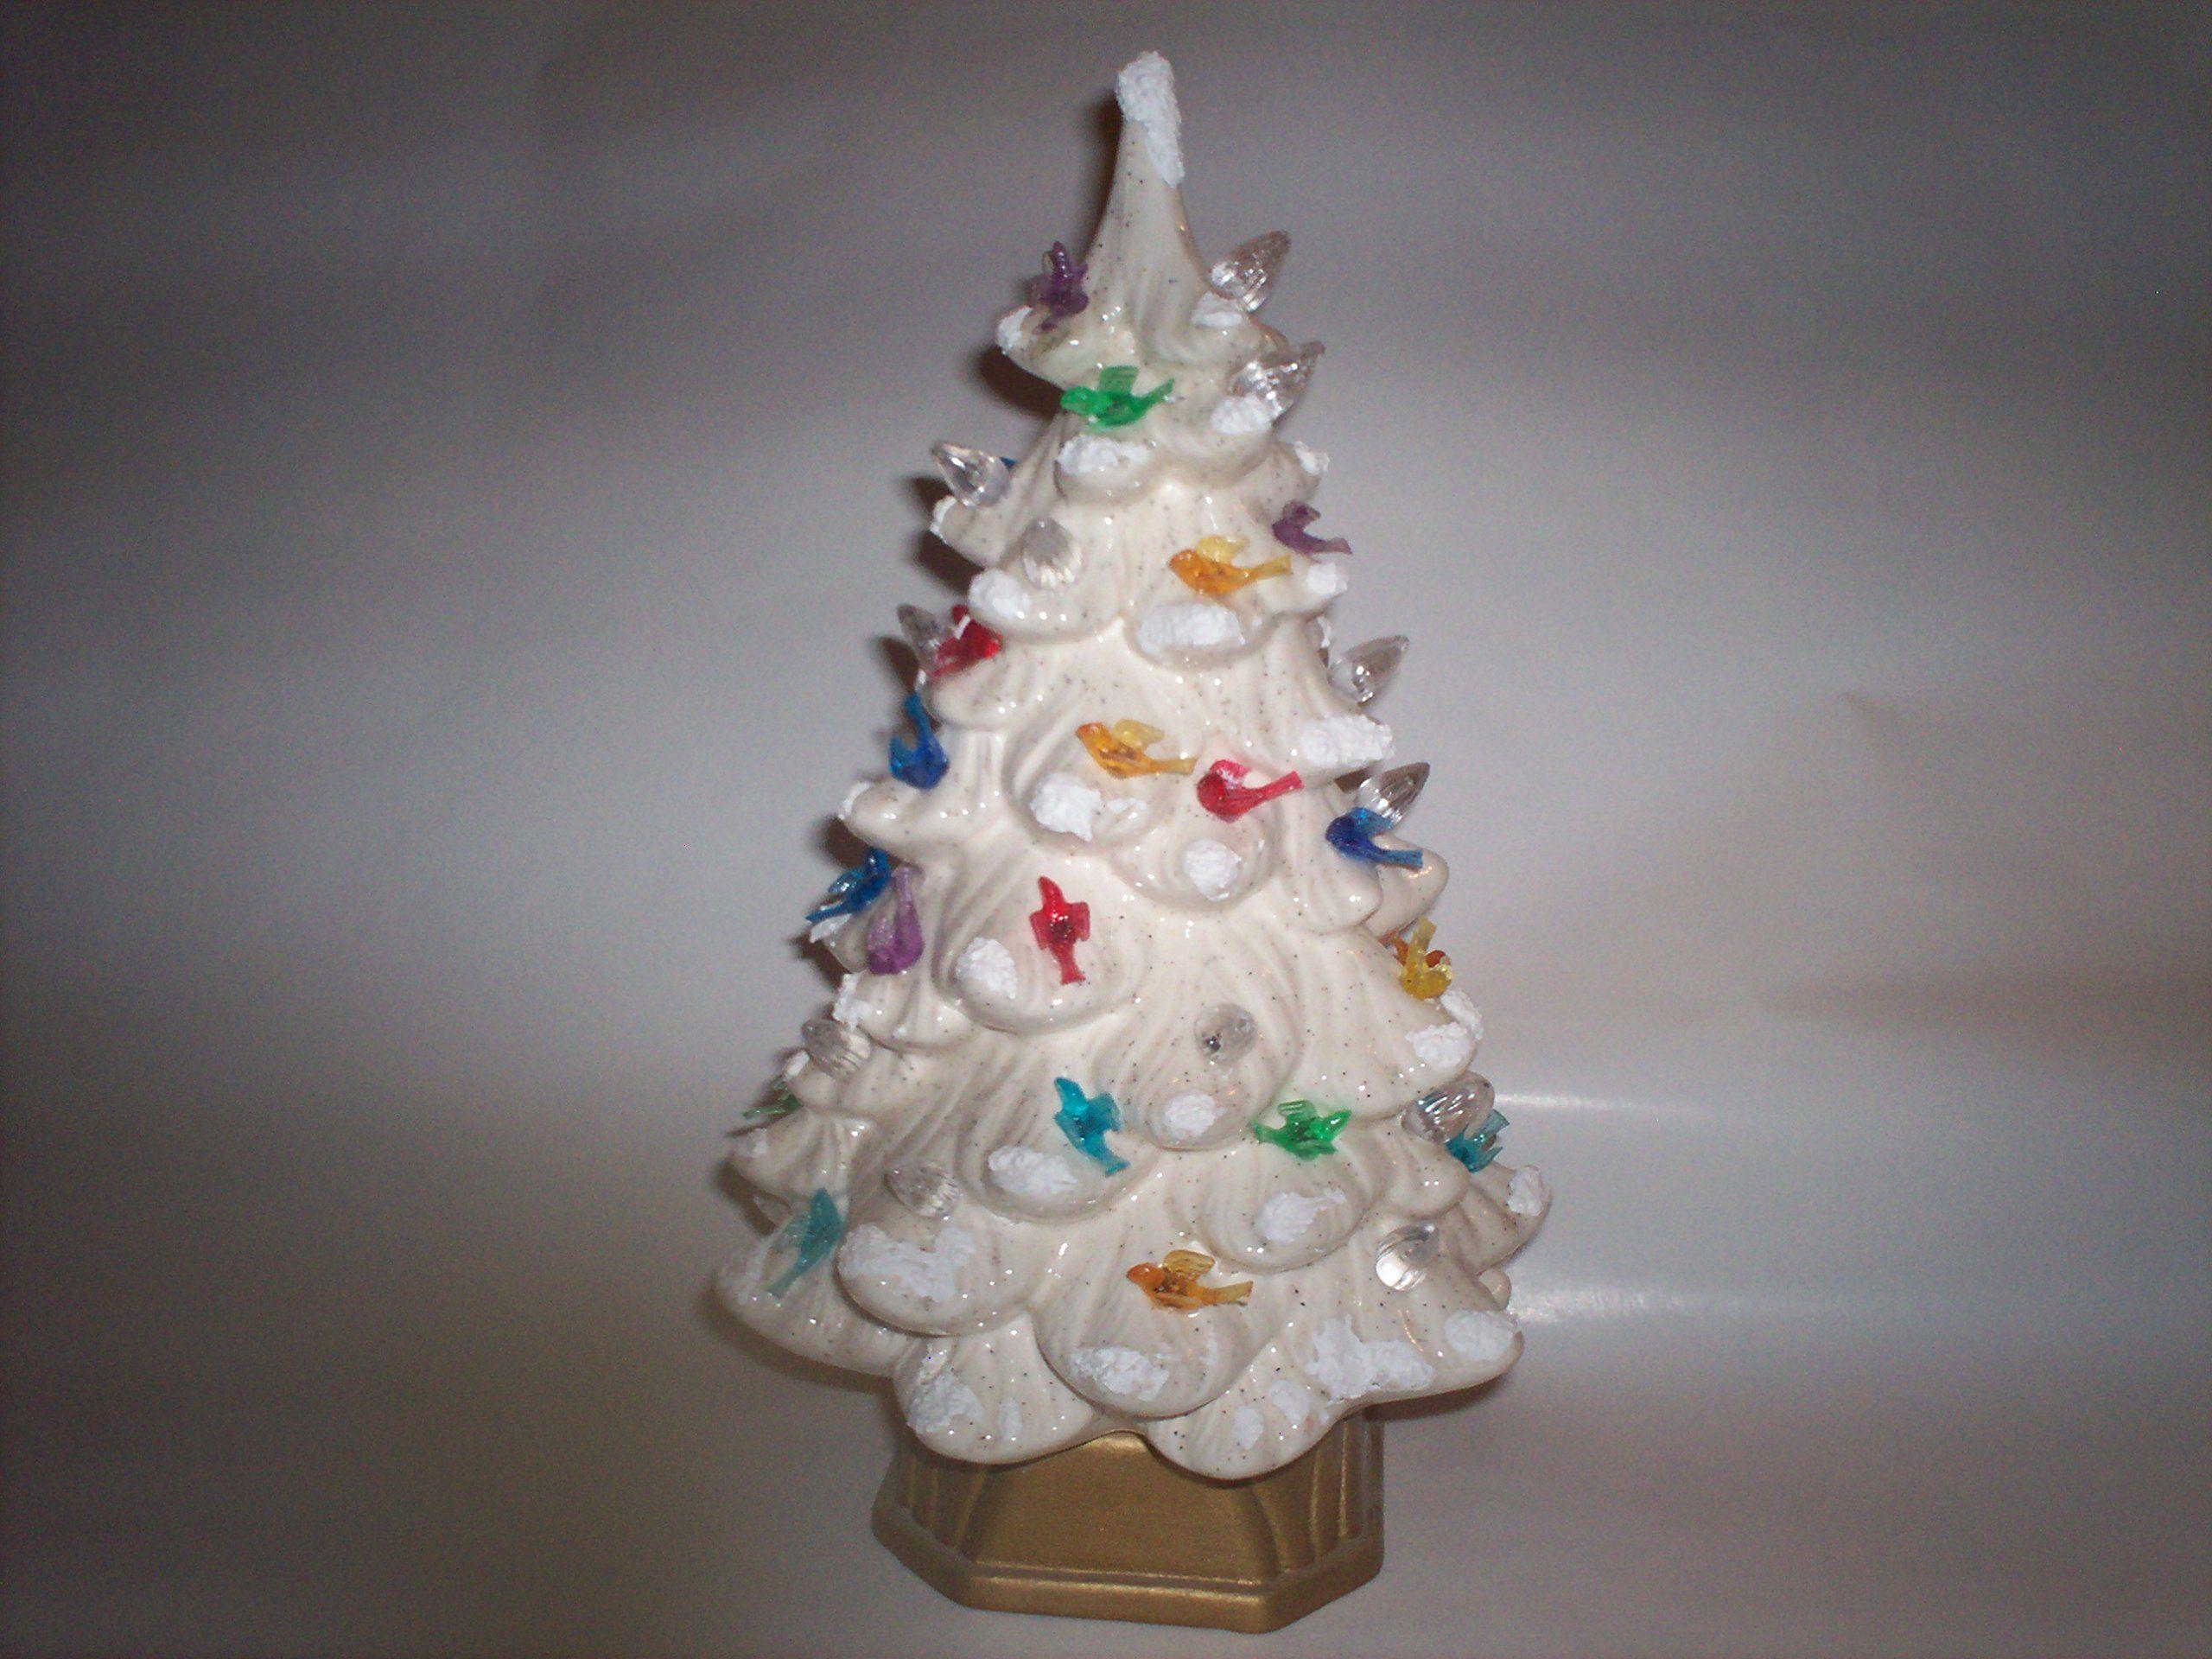 amazoncom ceramic christmas tree 11 inch white - Amazon White Christmas Decorations